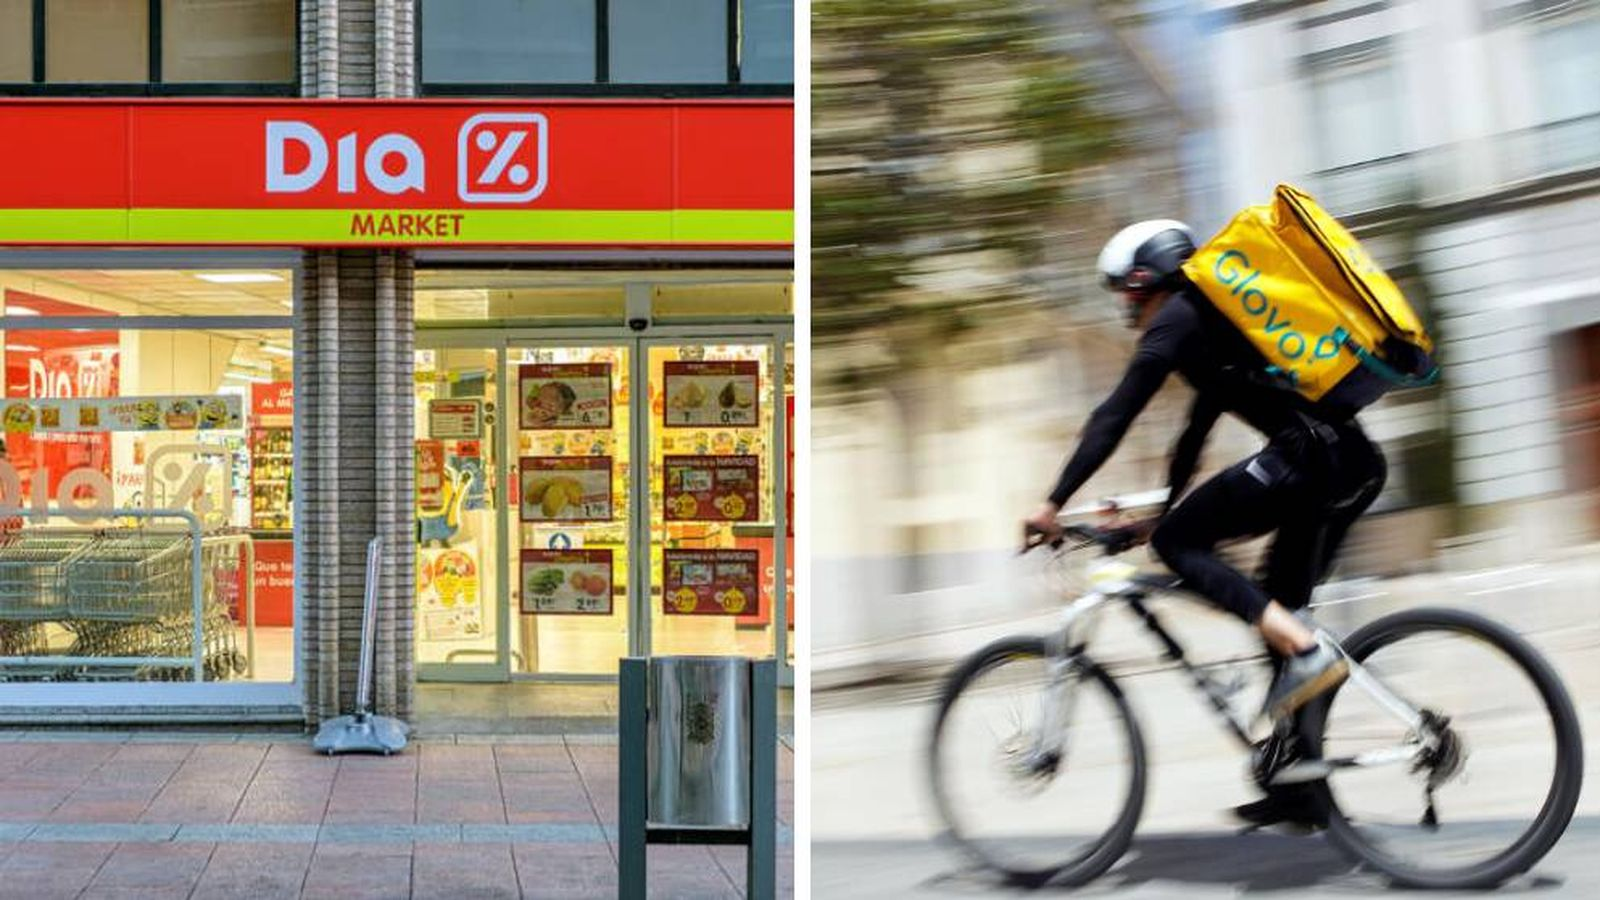 Dia amplía su servicio de compra 'online' y se une a Glovo: repartirá desde 500 tiendas